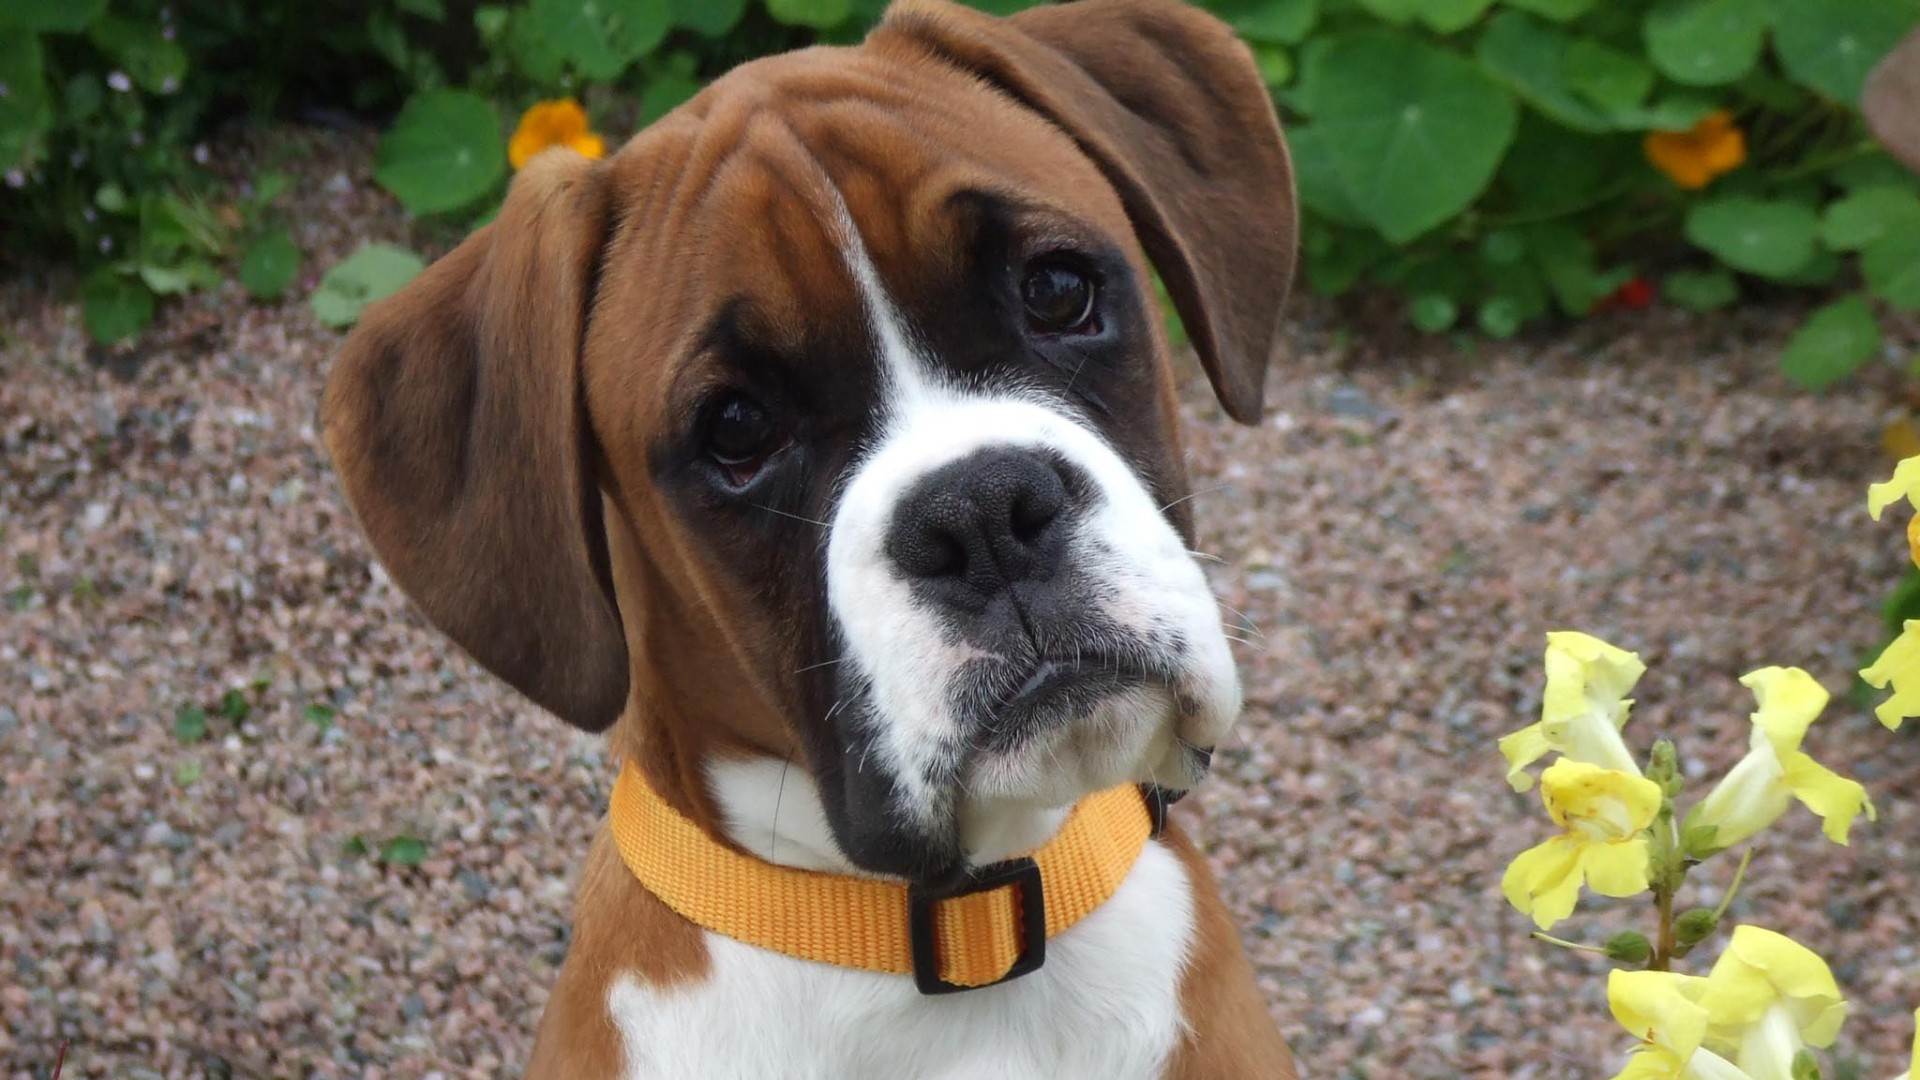 Ученые выяснили, что собаки намного умнее, чем считалось ранее